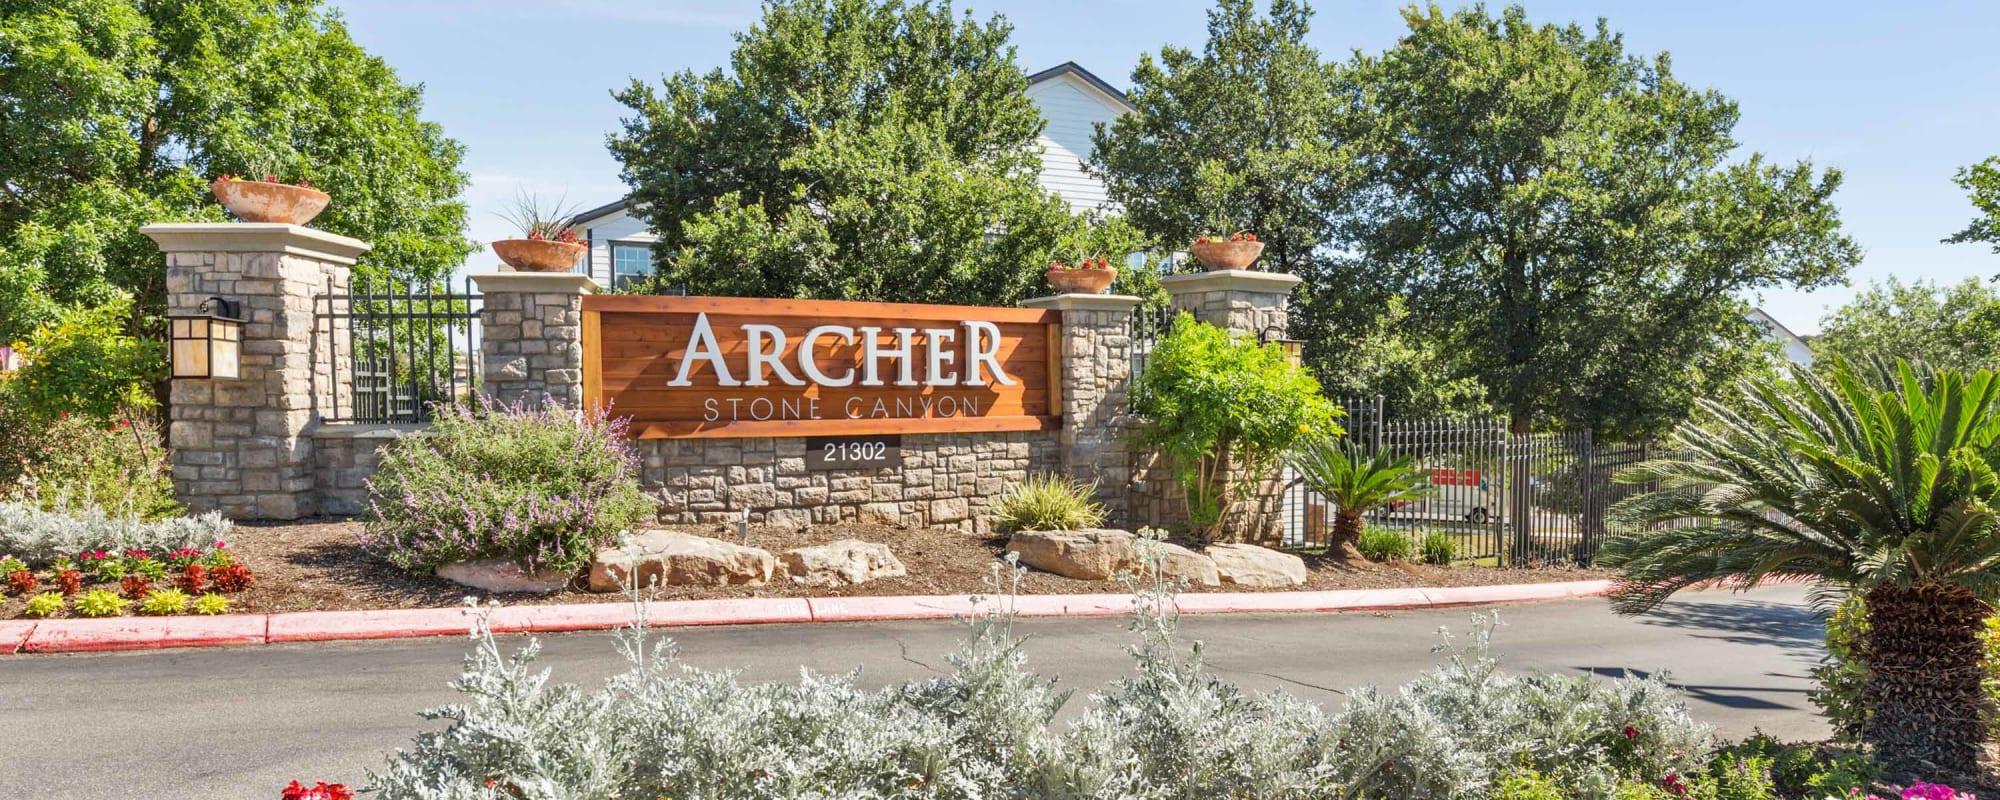 Playground at Archer Stone Canyon in San Antonio, Texas